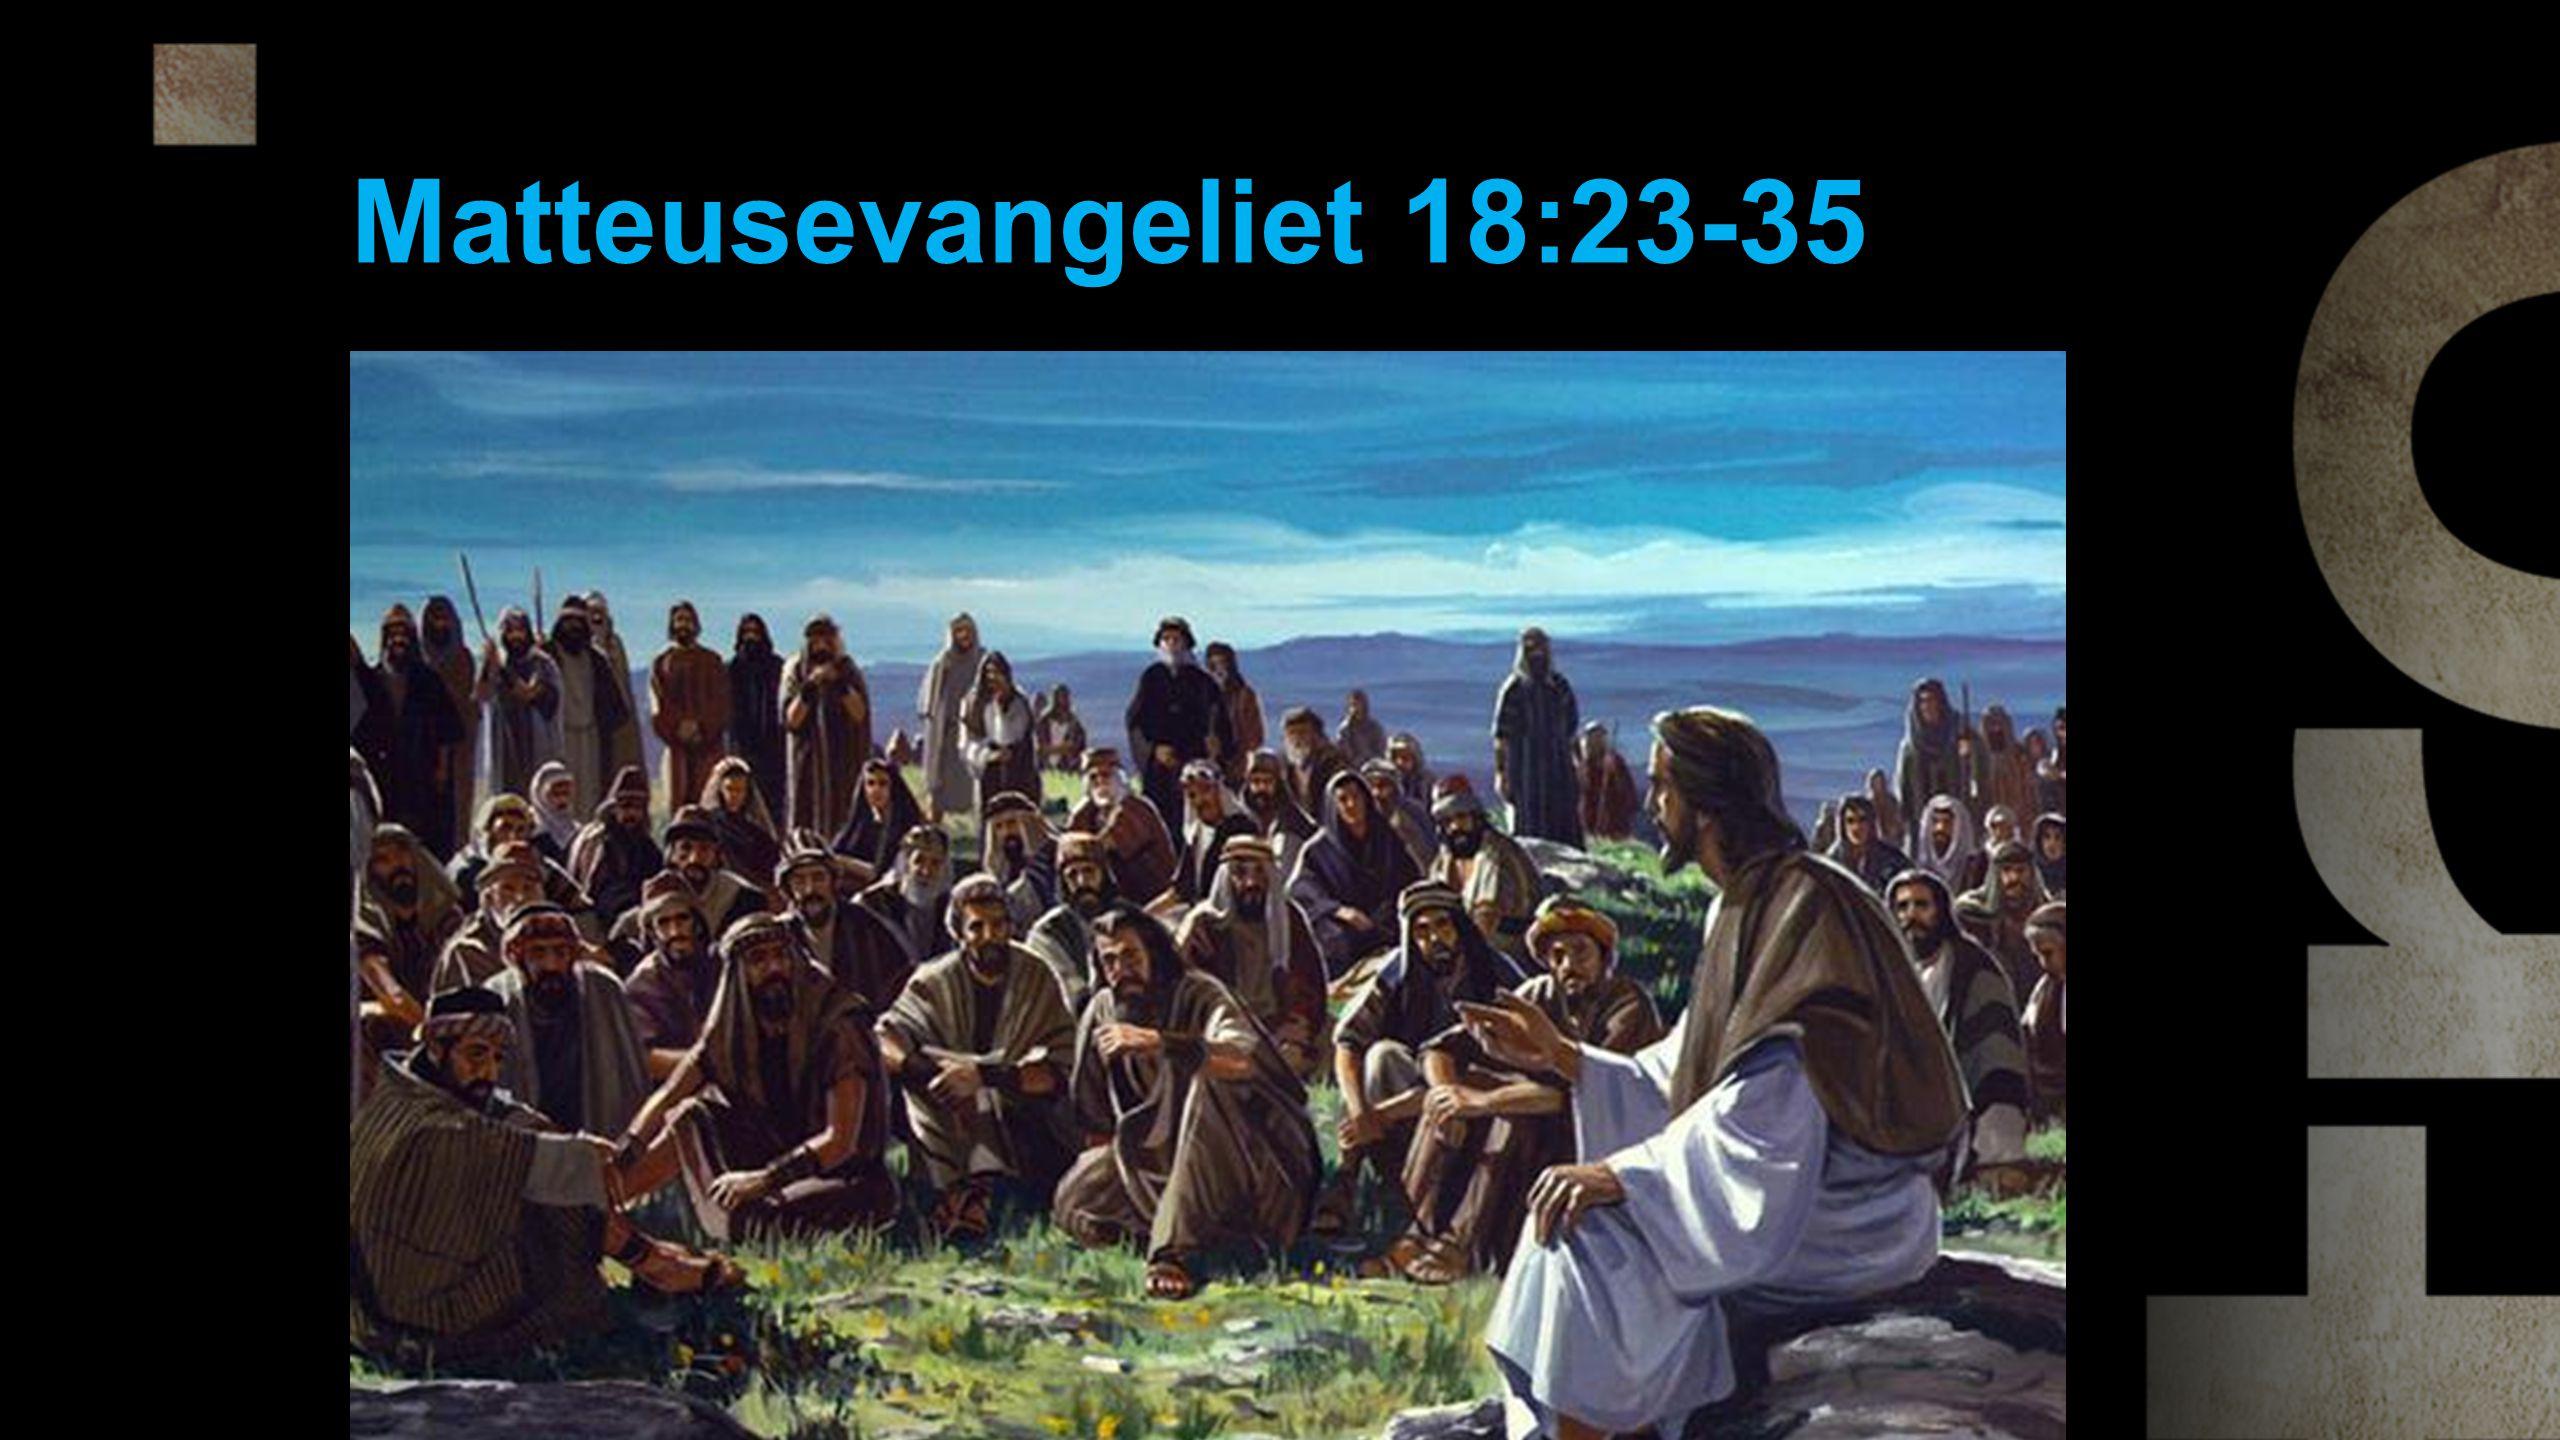 Matteusevangeliet 18:23-35